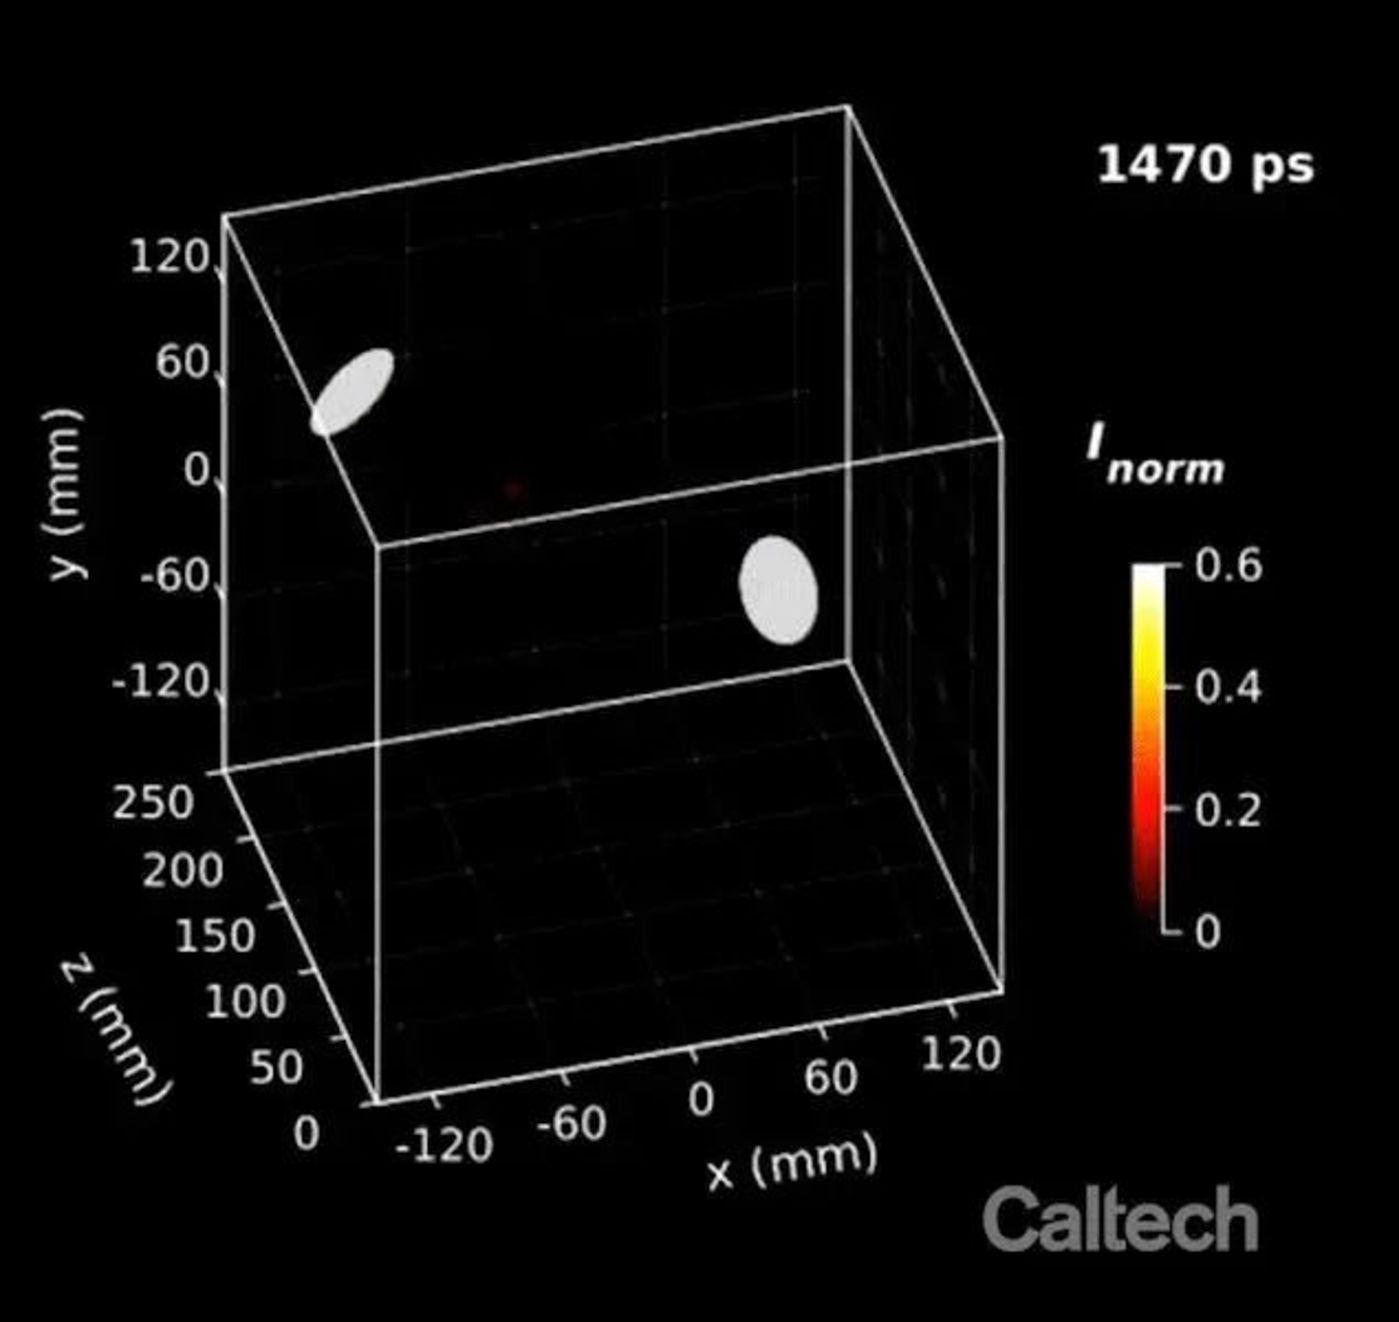 图 3D 视频显示激光脉冲穿过激光散射介质并从反射表面反射回来(来源:加州理工学院)